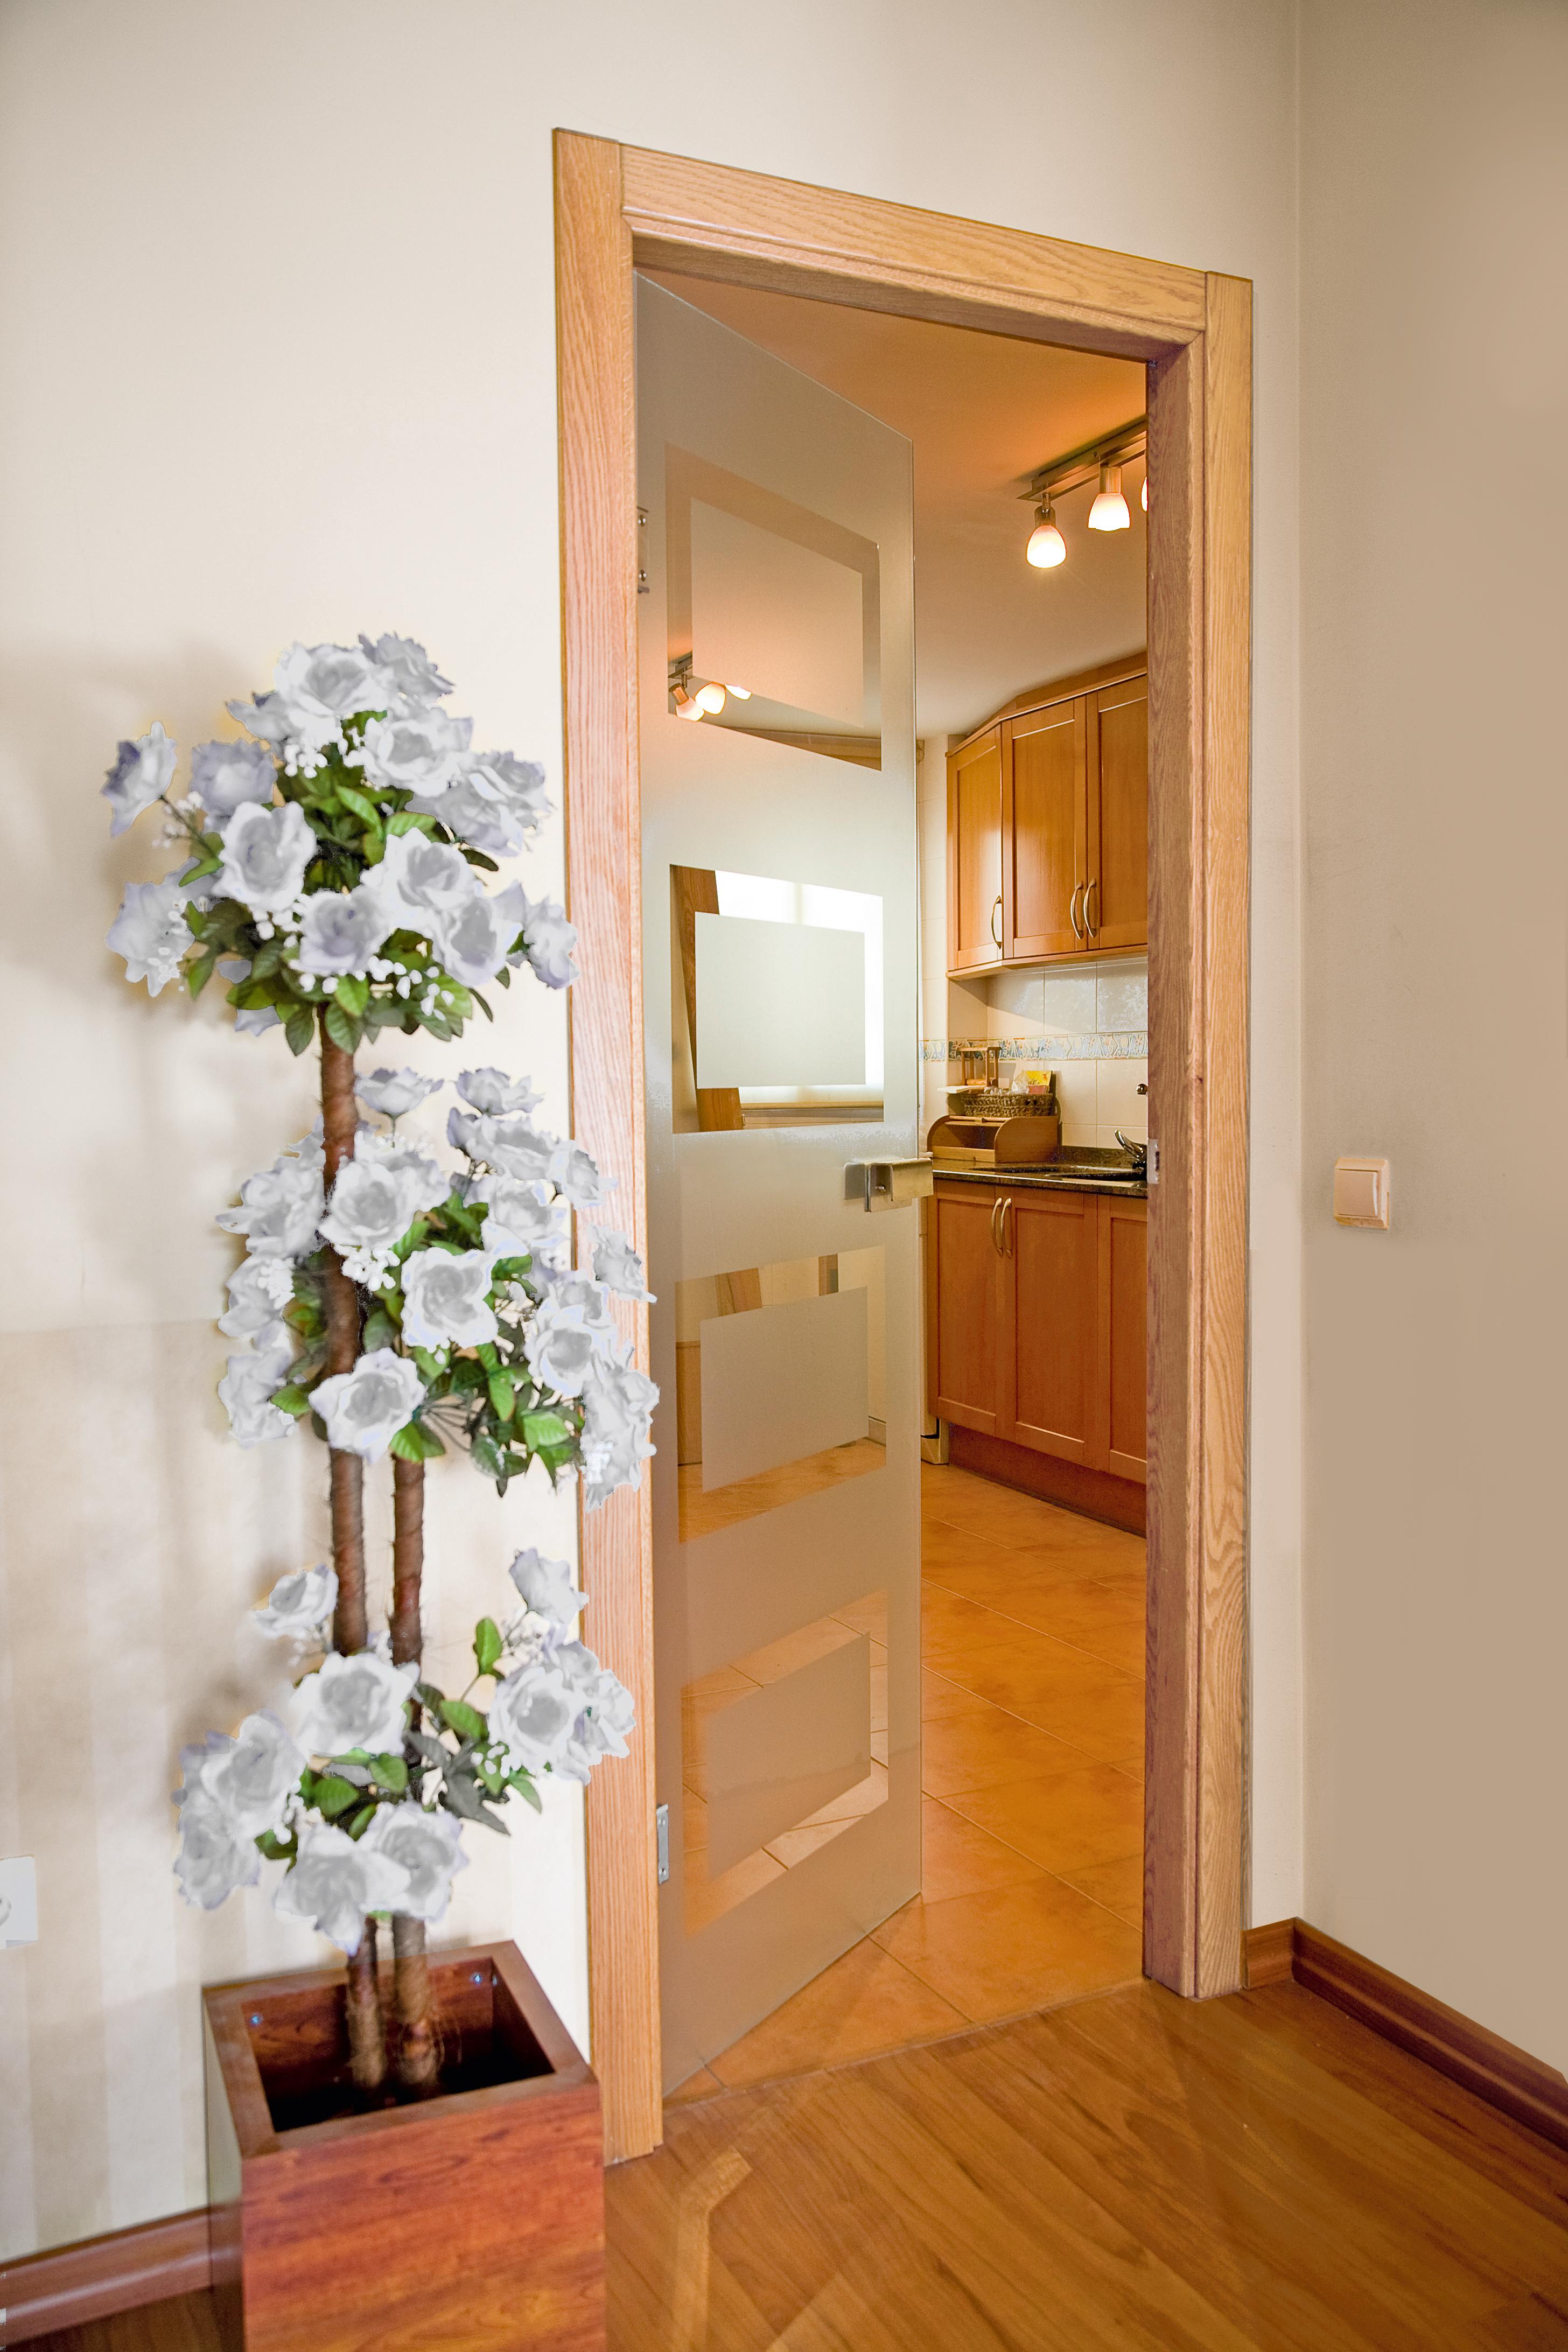 Puertas de interior modernas y decorativas for Puerta de cristal abatible